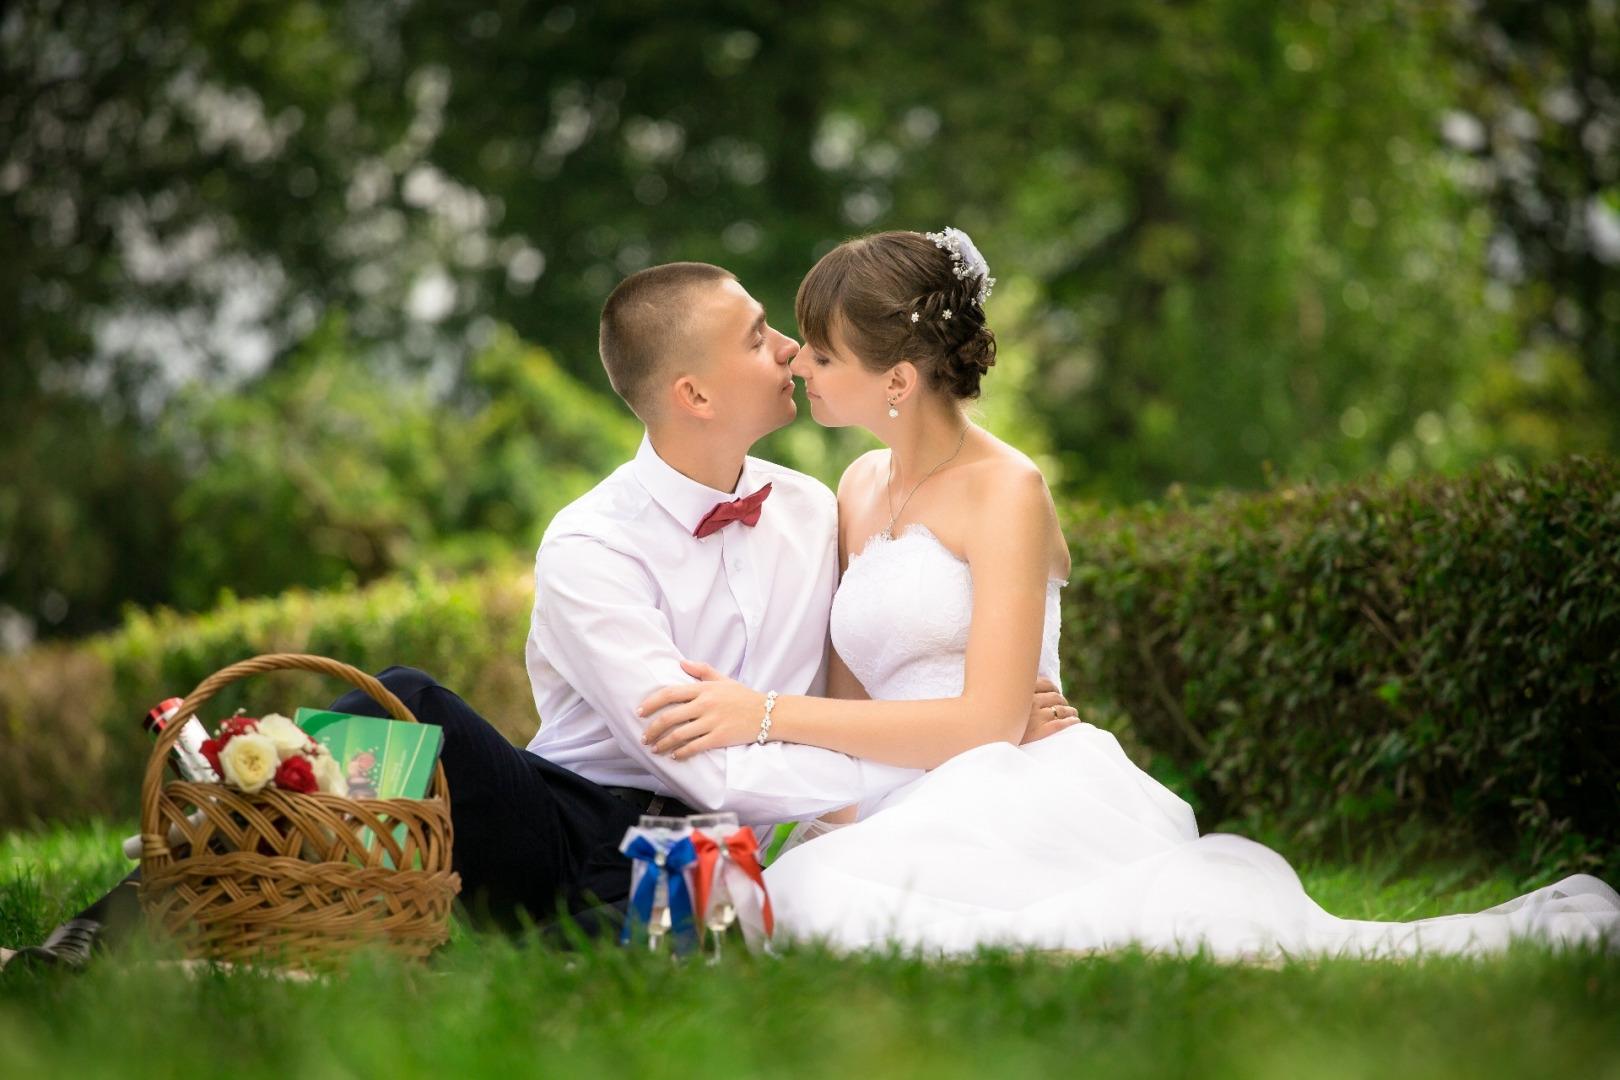 безусловно, свадебные фотографы витебска направление отдельный